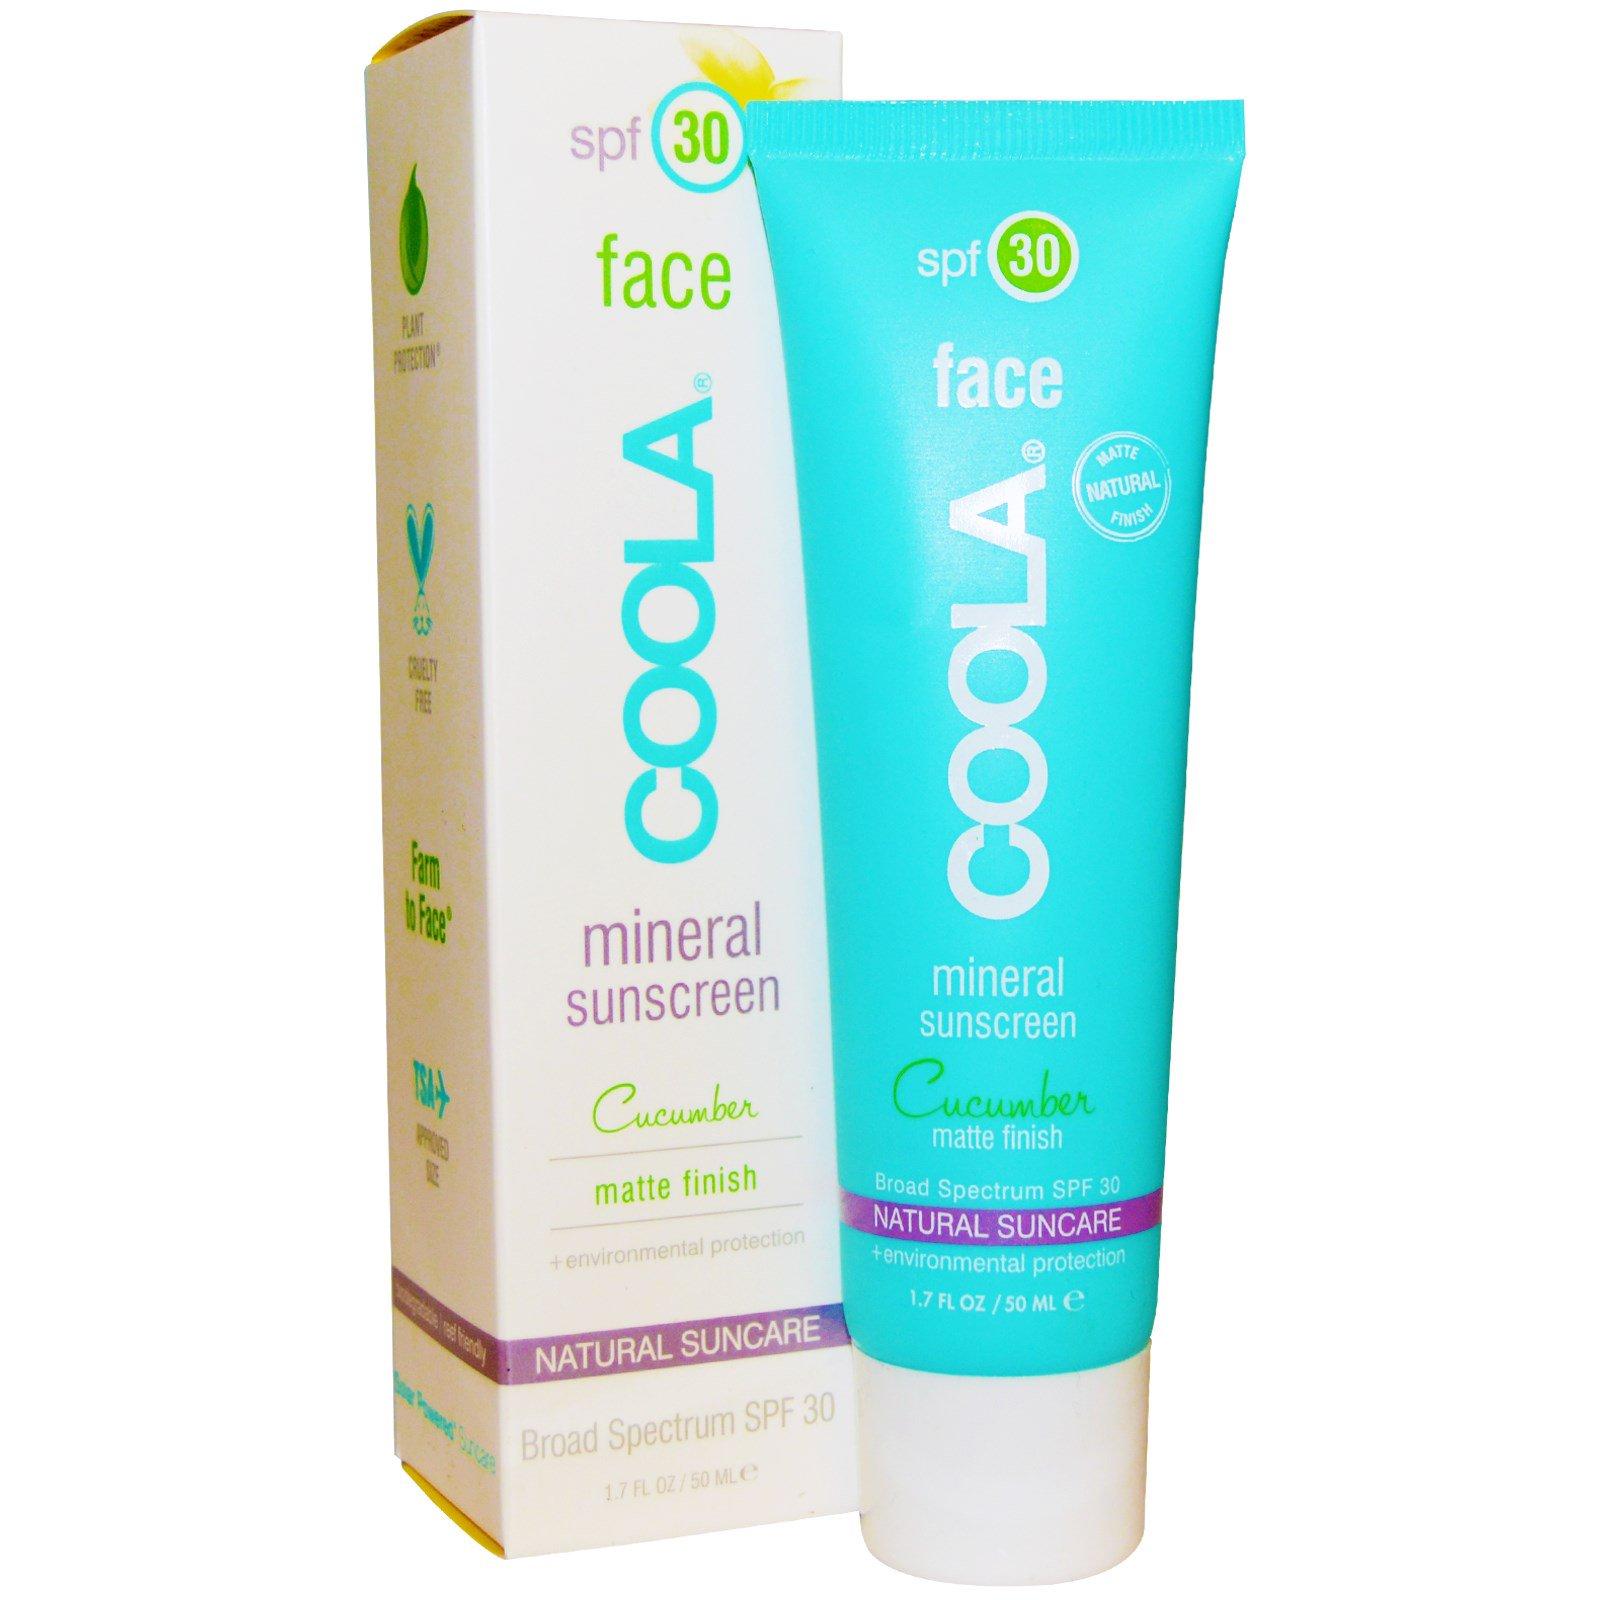 COOLA Organic Suncare Collection, Минеральный солнцезащитный крем для лица с SPF 30, матовое покрытие и огуречный аромат, 50 мл